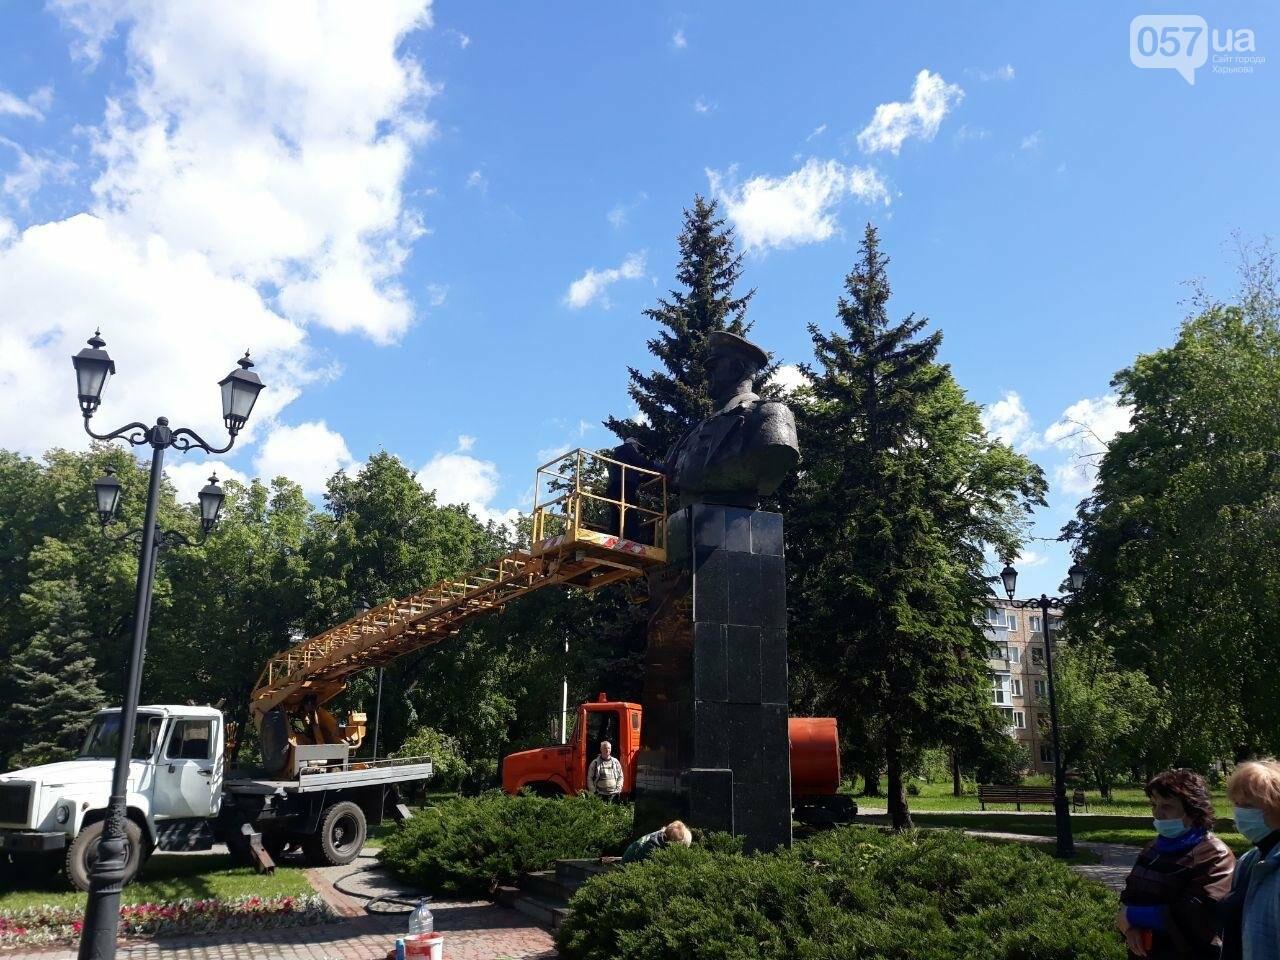 В Харькове неизвестные вновь облили красной краской памятник Жукову, - ФОТО, фото-12